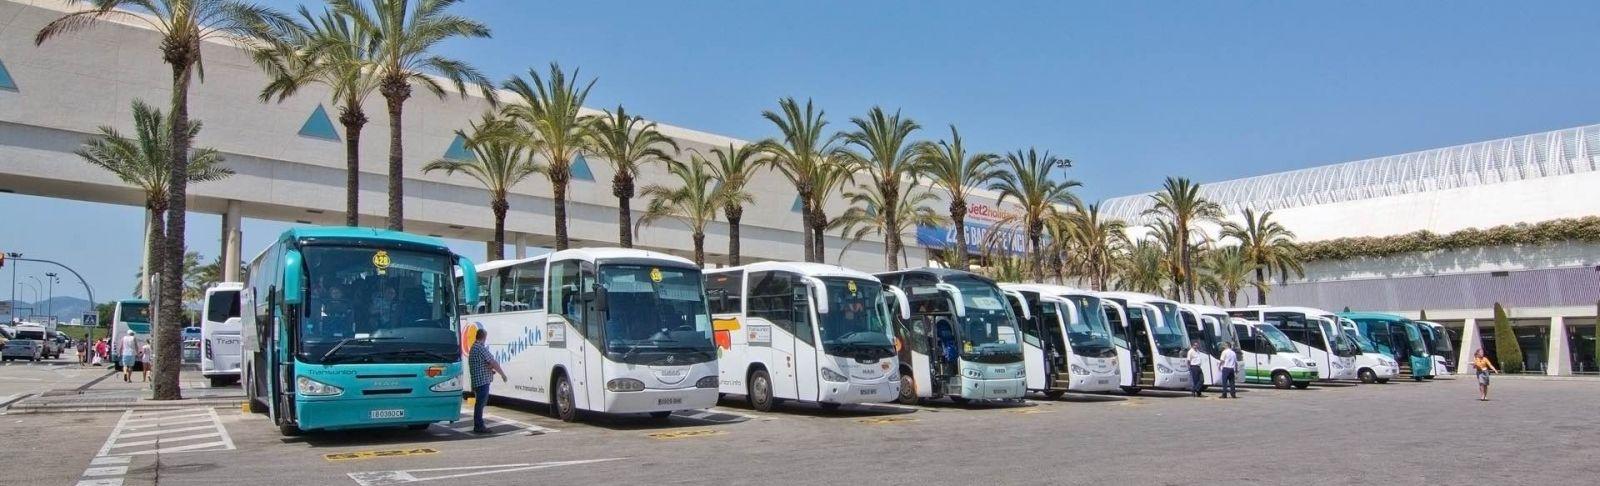 Autobusos que esperen per recollir turistes a l'aeroport